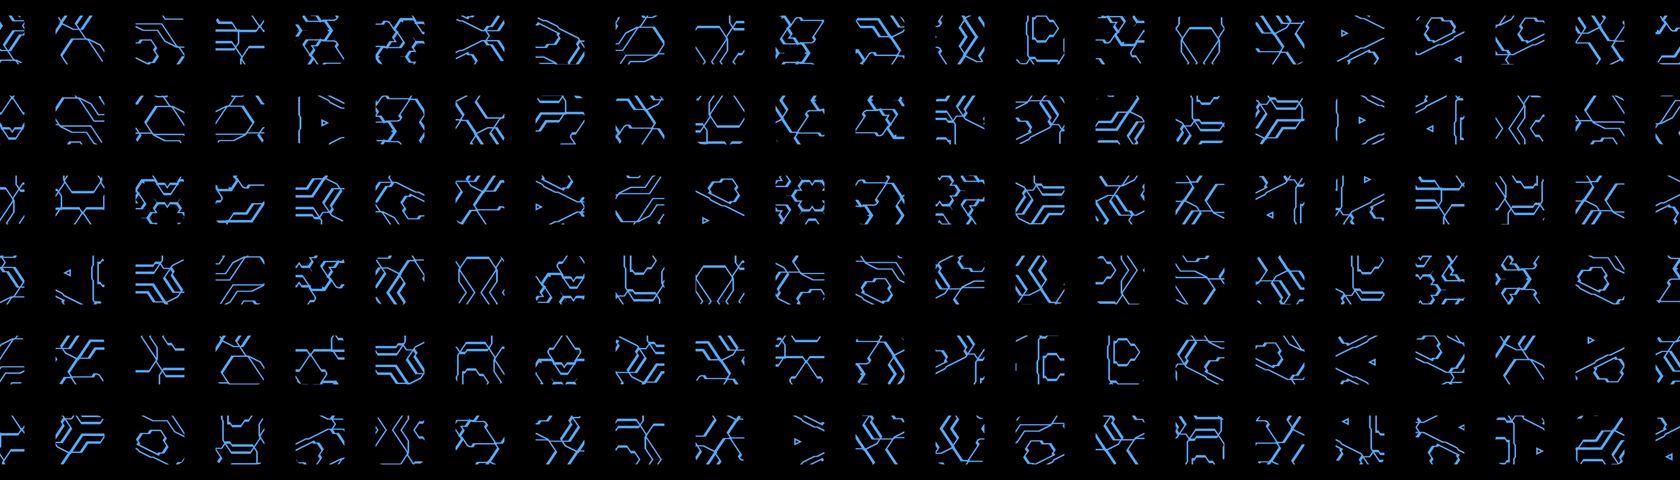 Alien Runes #2